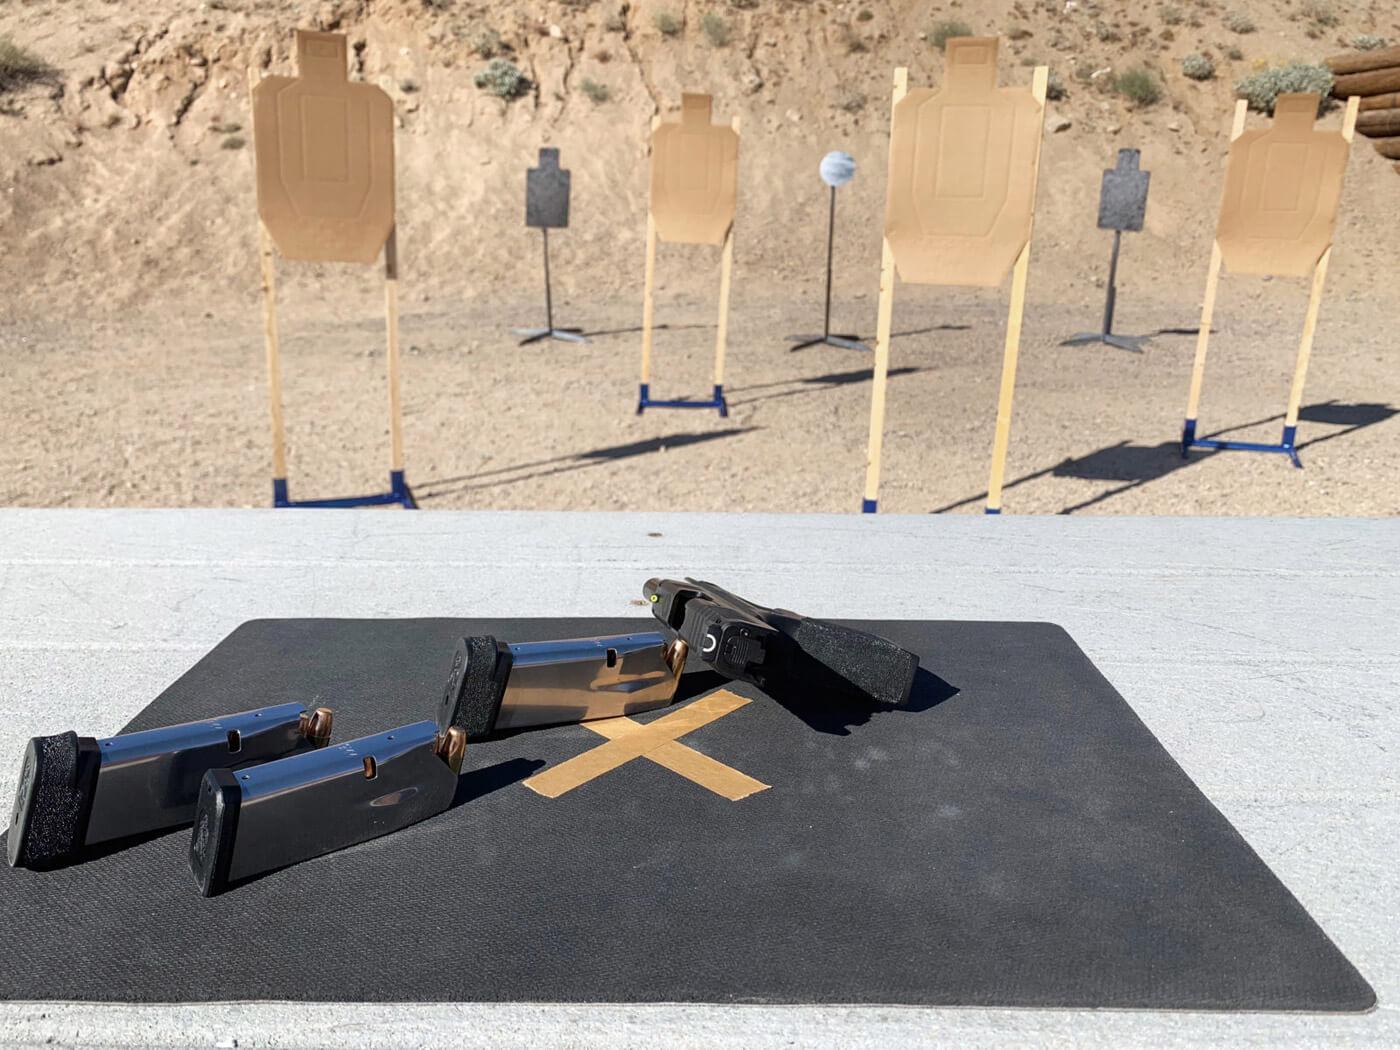 Pistol match layout